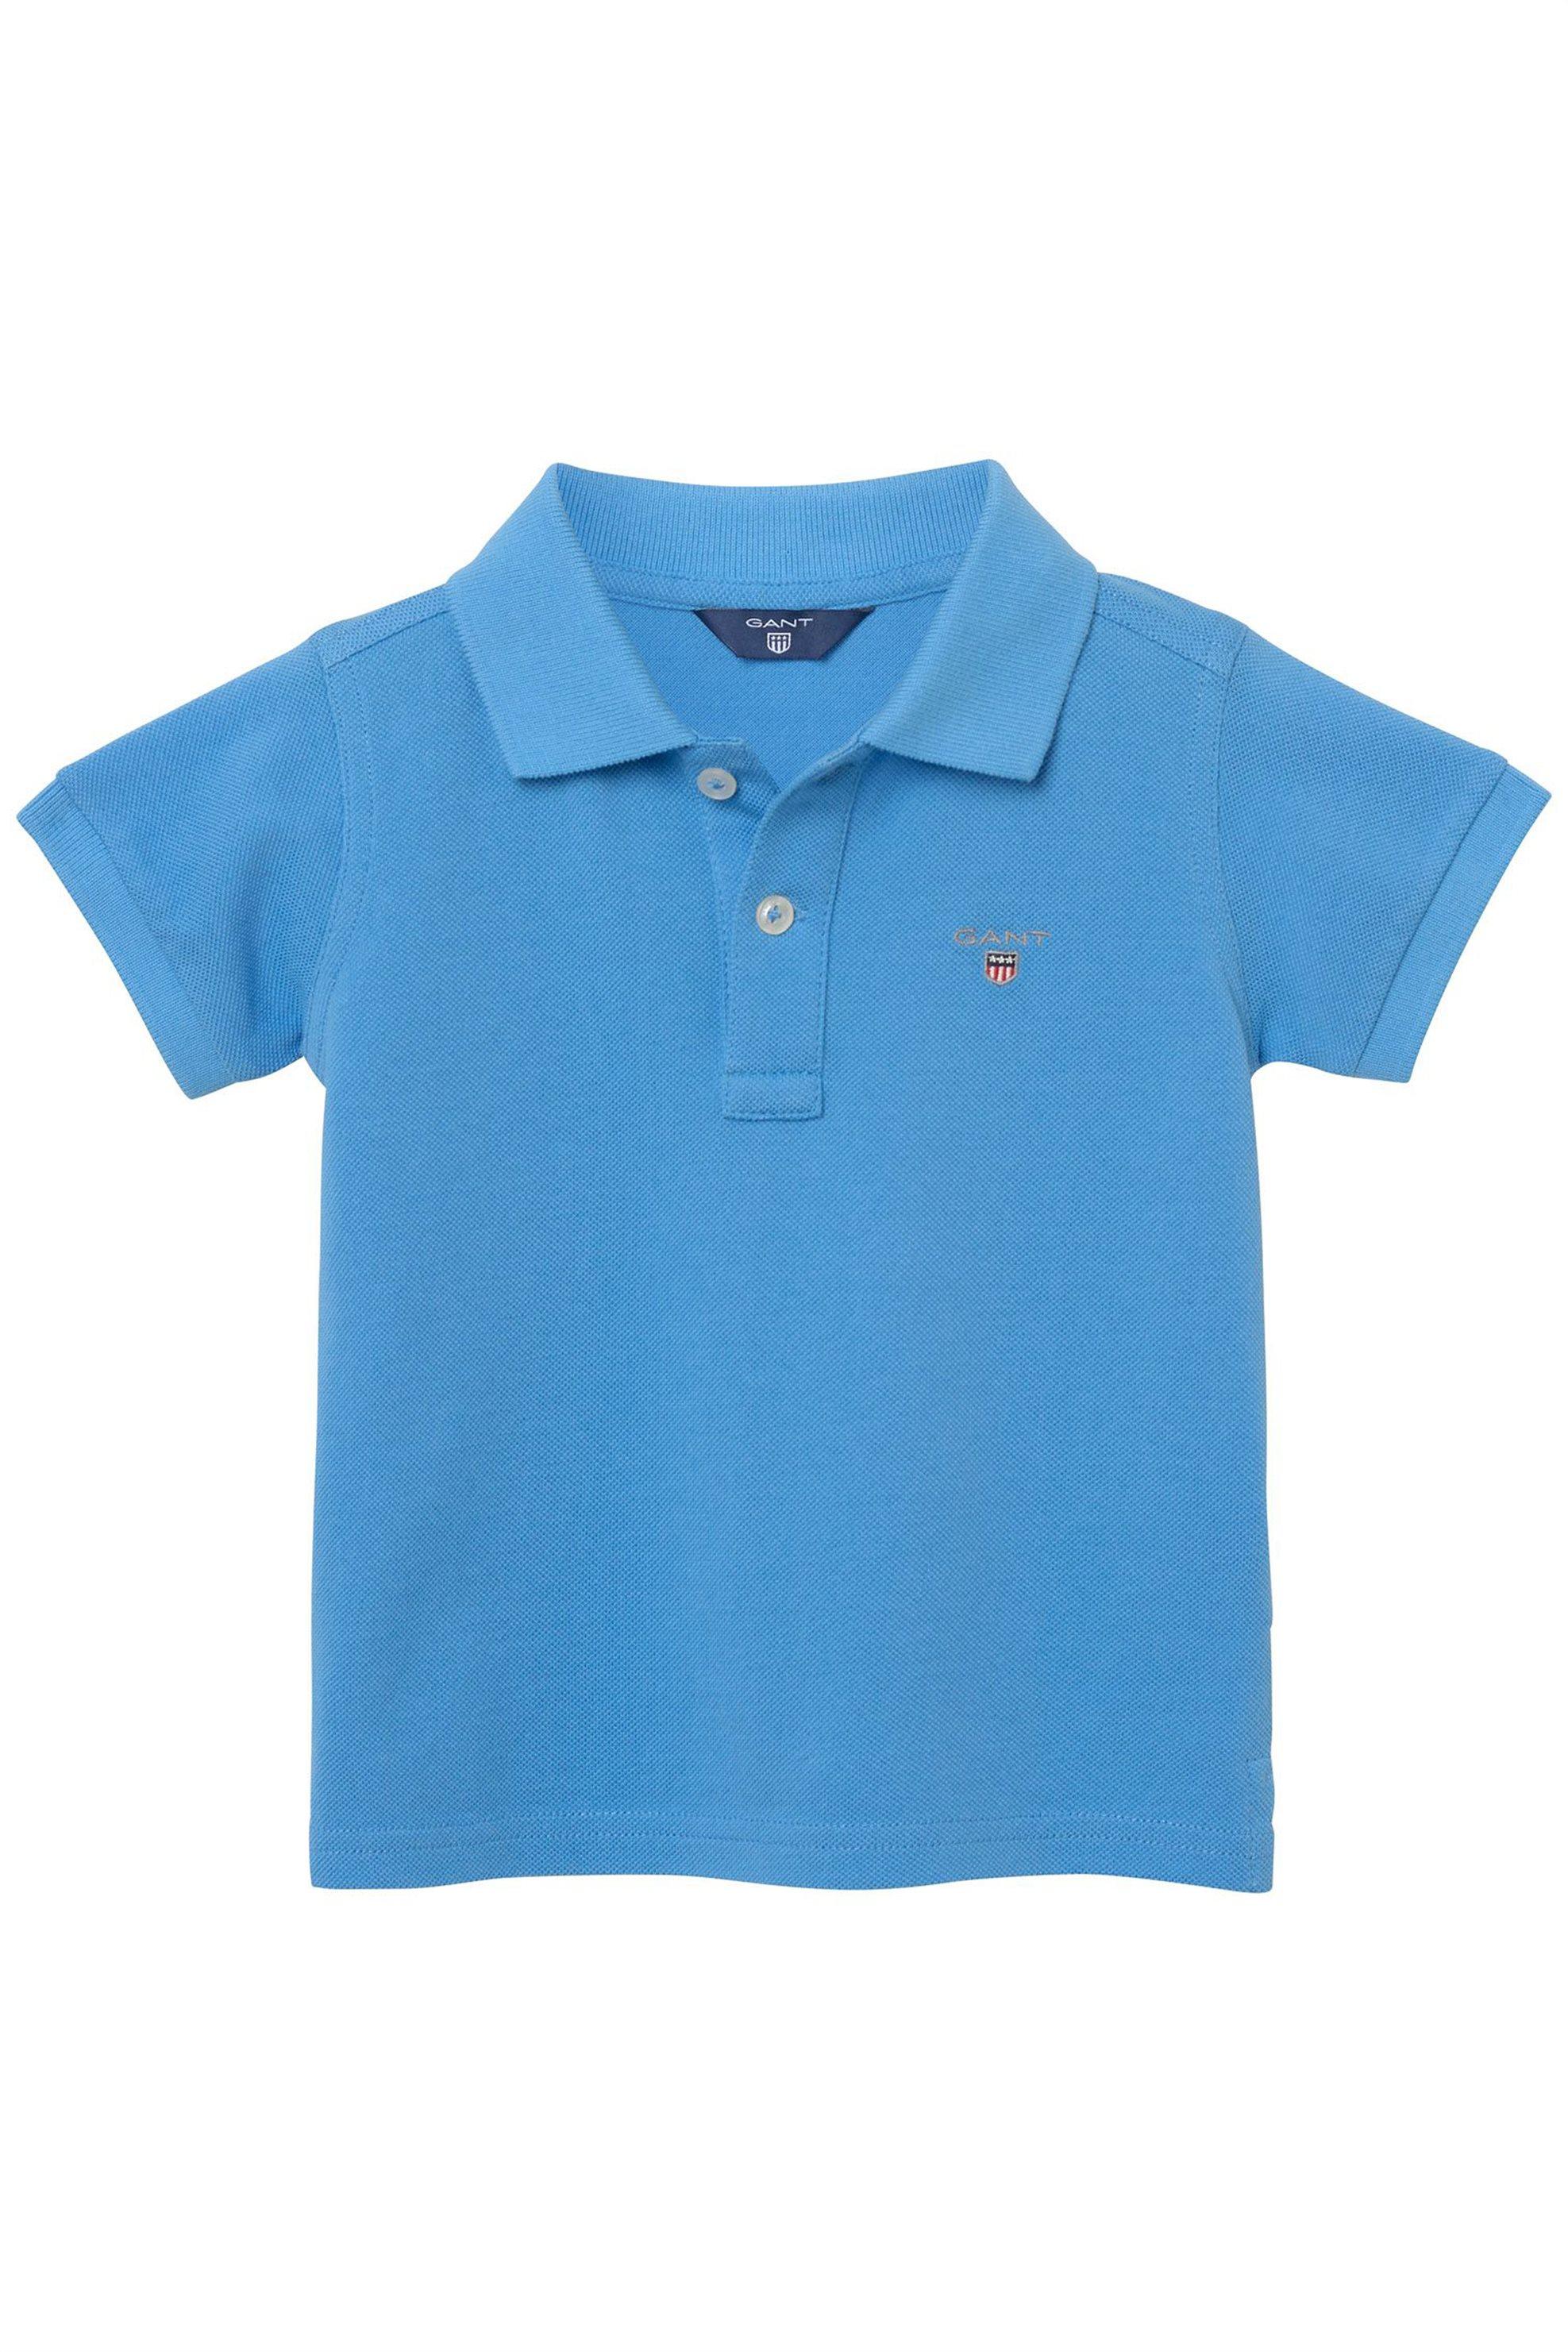 88440fed7b7 online αγορές παιδι βρεφικα αγορι 0 3 ετων ρούχα μπλουζάκια πόλο ...